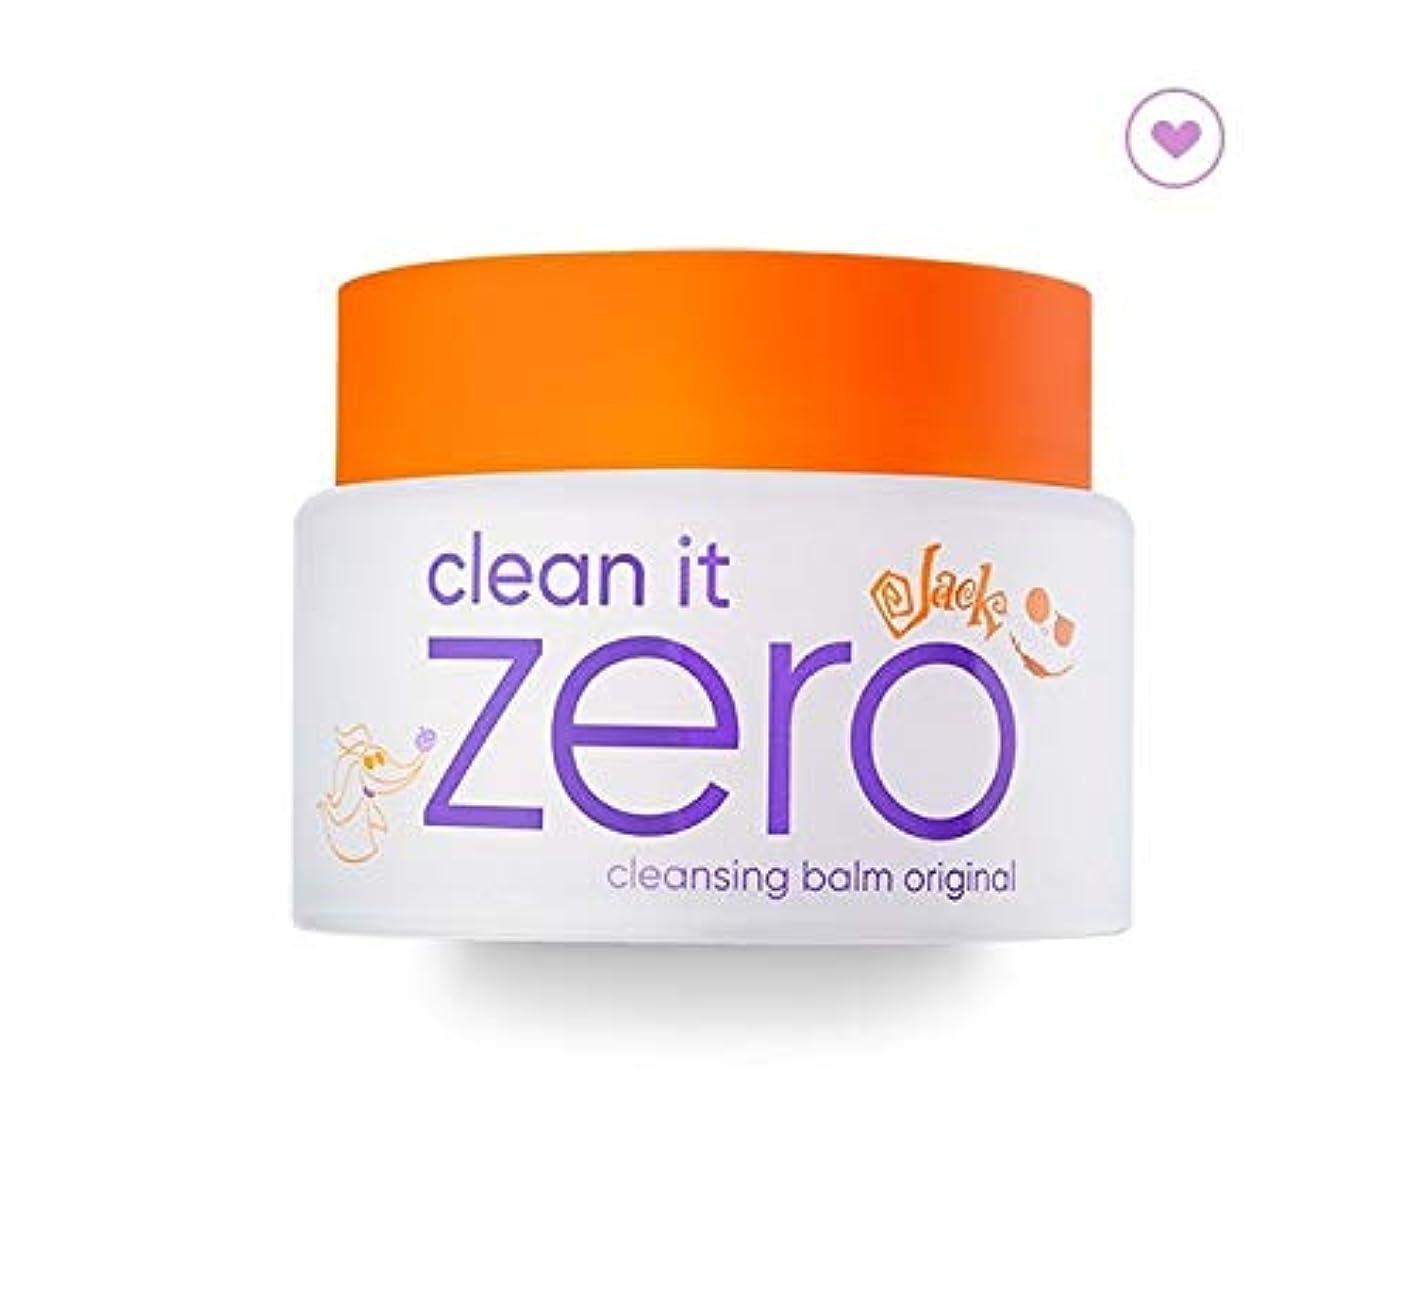 時折プロテスタント曖昧なBanilaco クリーンイットゼロクレンジングバームディズニーコレクション(オレンジ) / Clean It Zero Cleansing Balm Disney Collection (Orange) 100ml [...